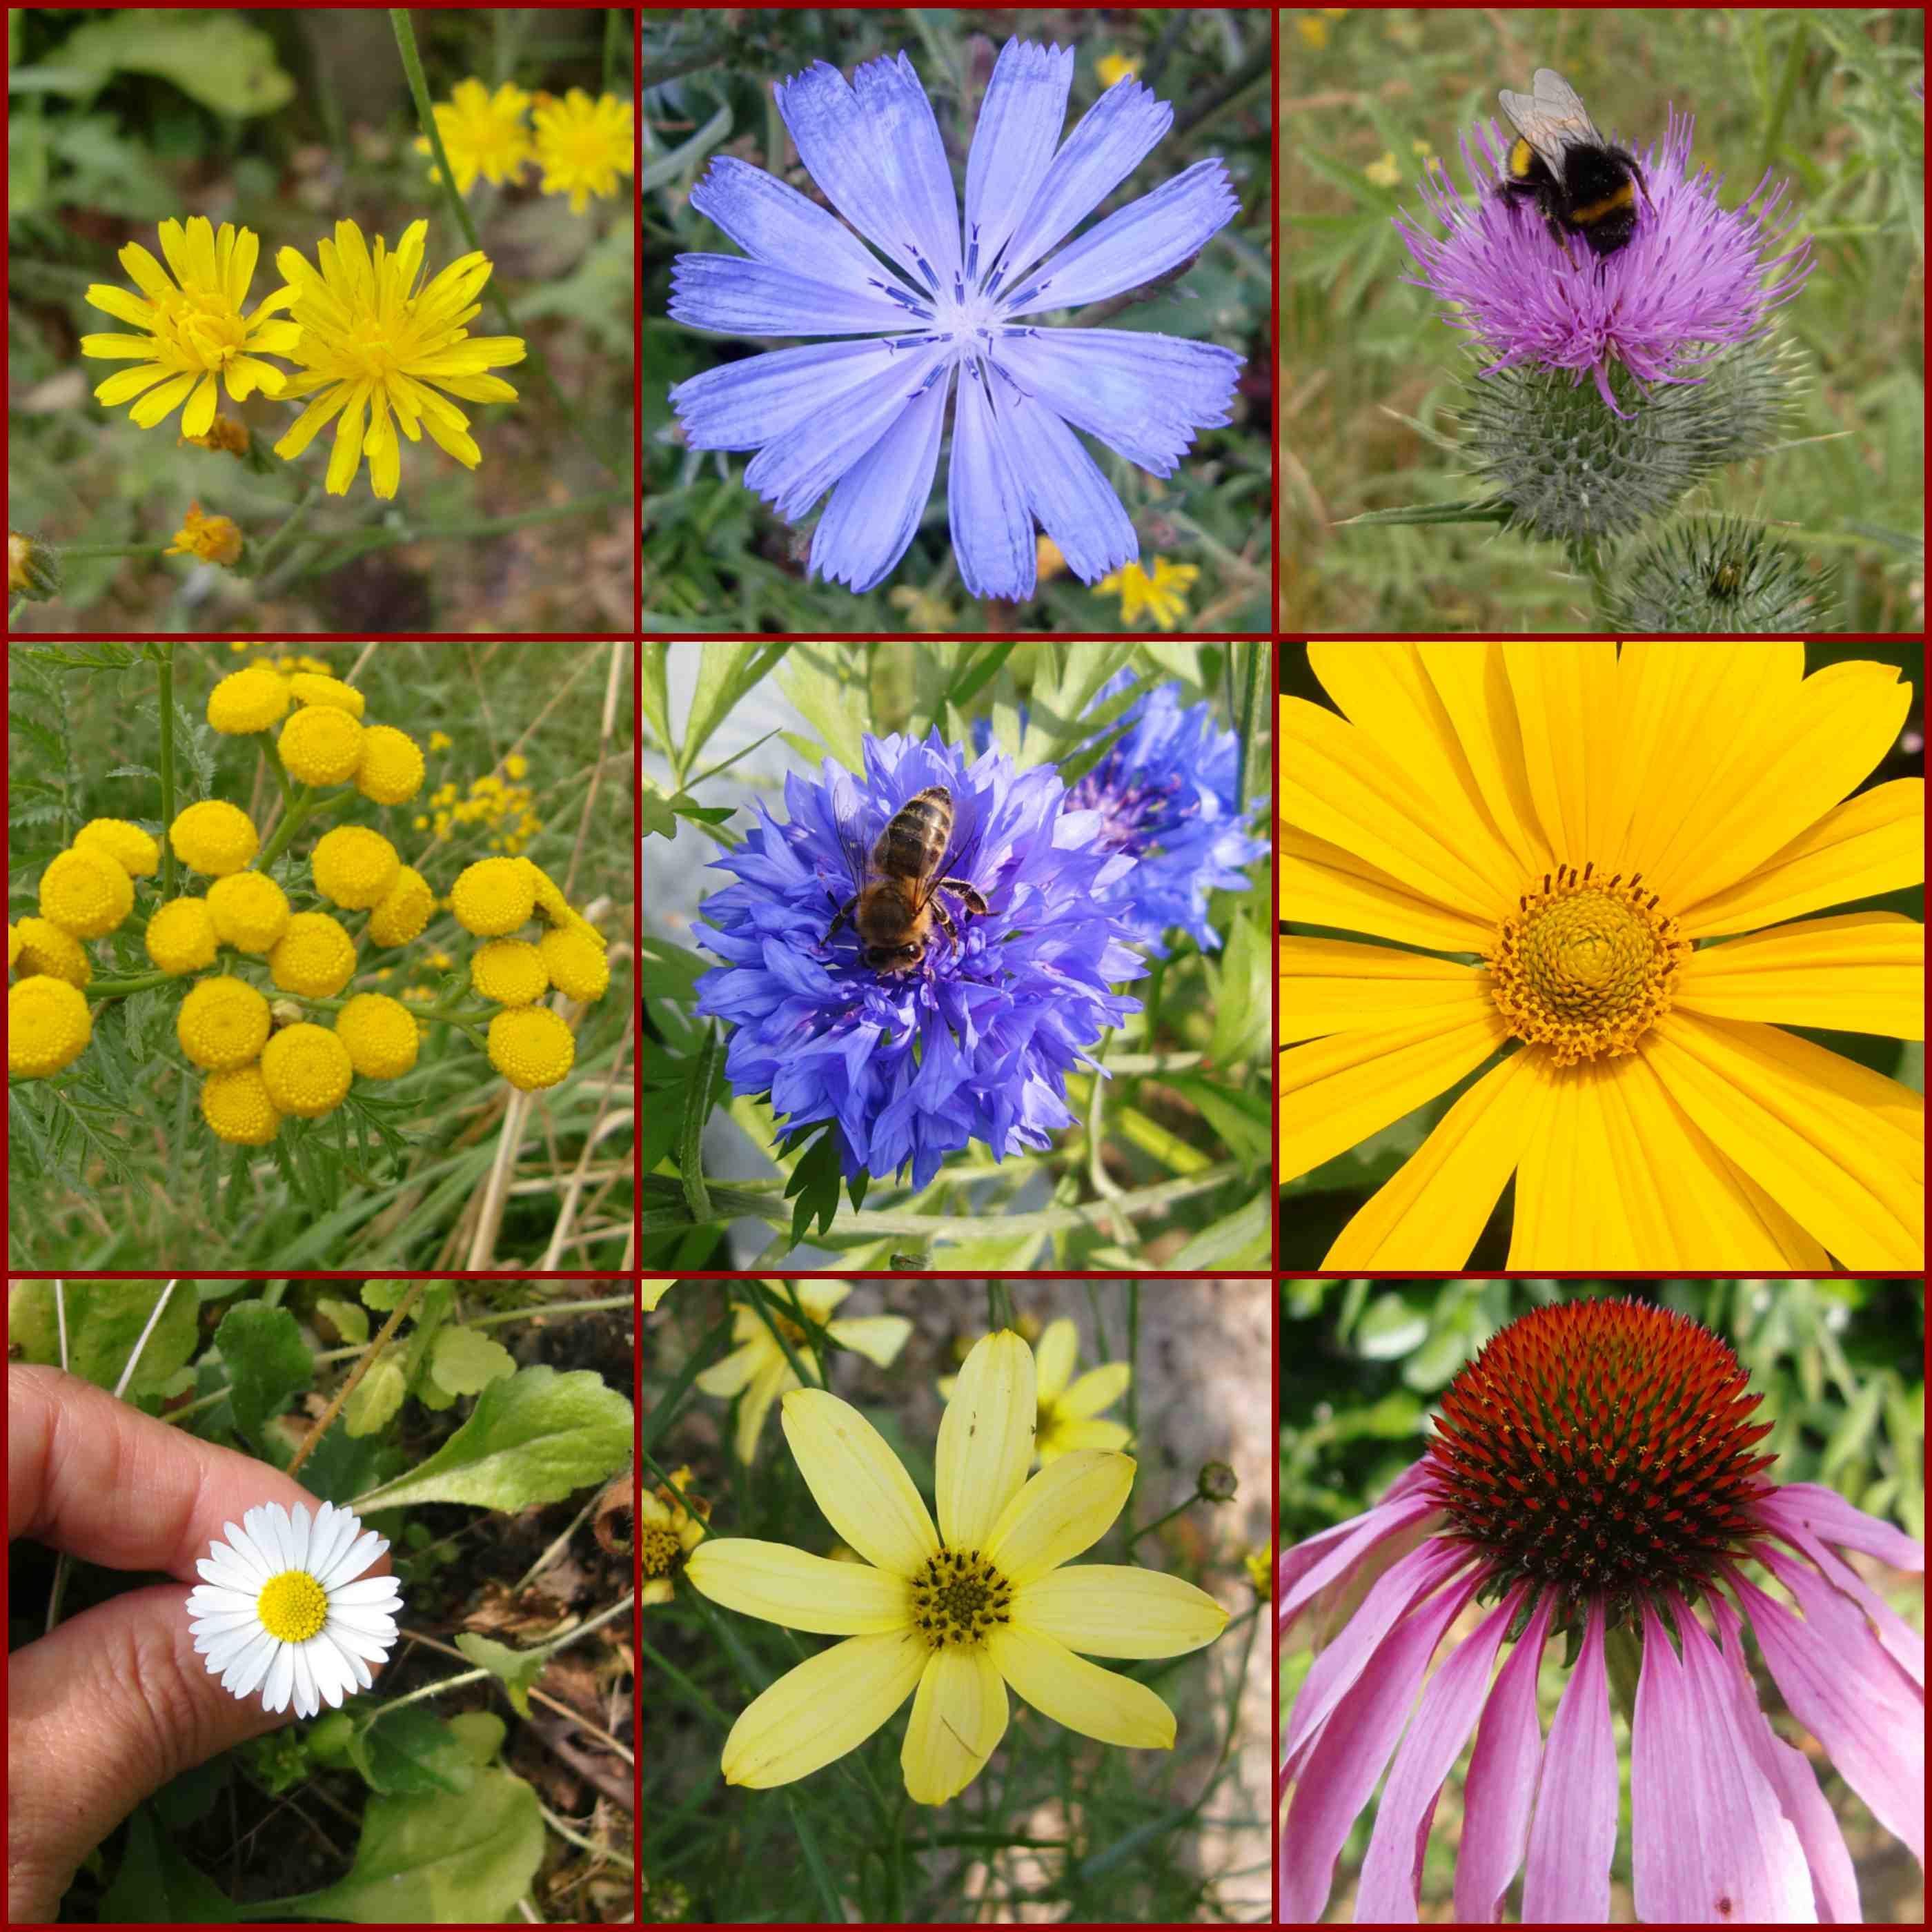 Korbblütler aus dem Garten, Wegwarte, Sonnenhut, Gänseblümchen, Kornblume, Distel